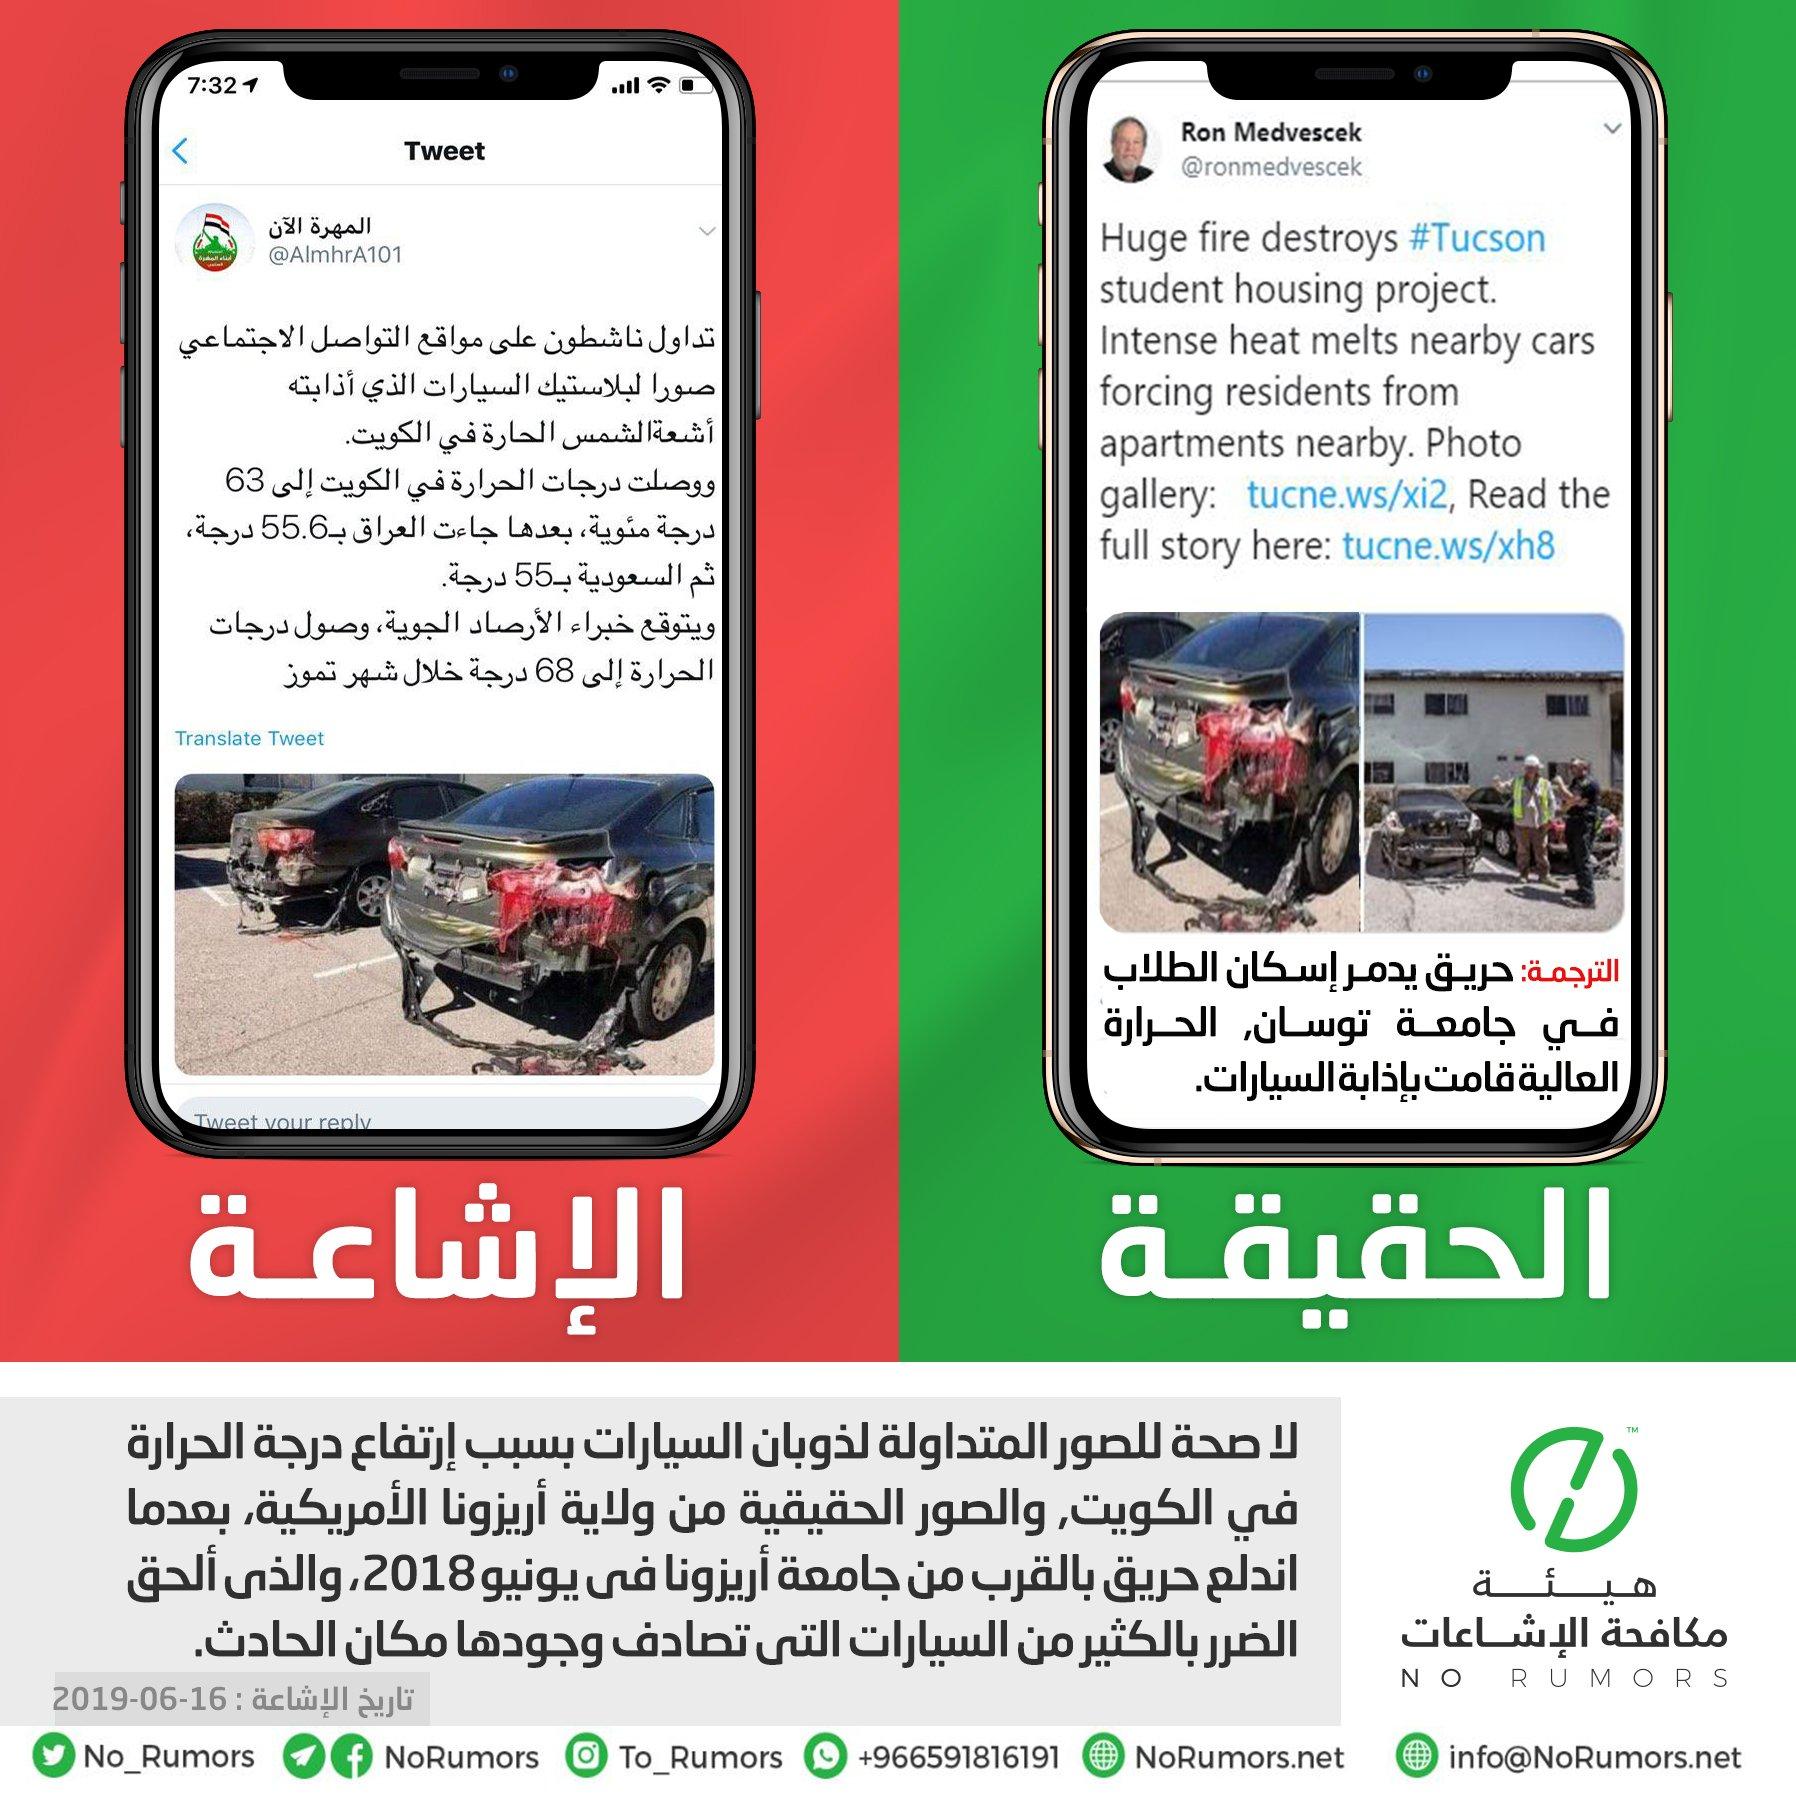 حقيقة الصور المتداولة لذوبان السيارات بسبب إرتفاع درجة الحرارة في الكويت